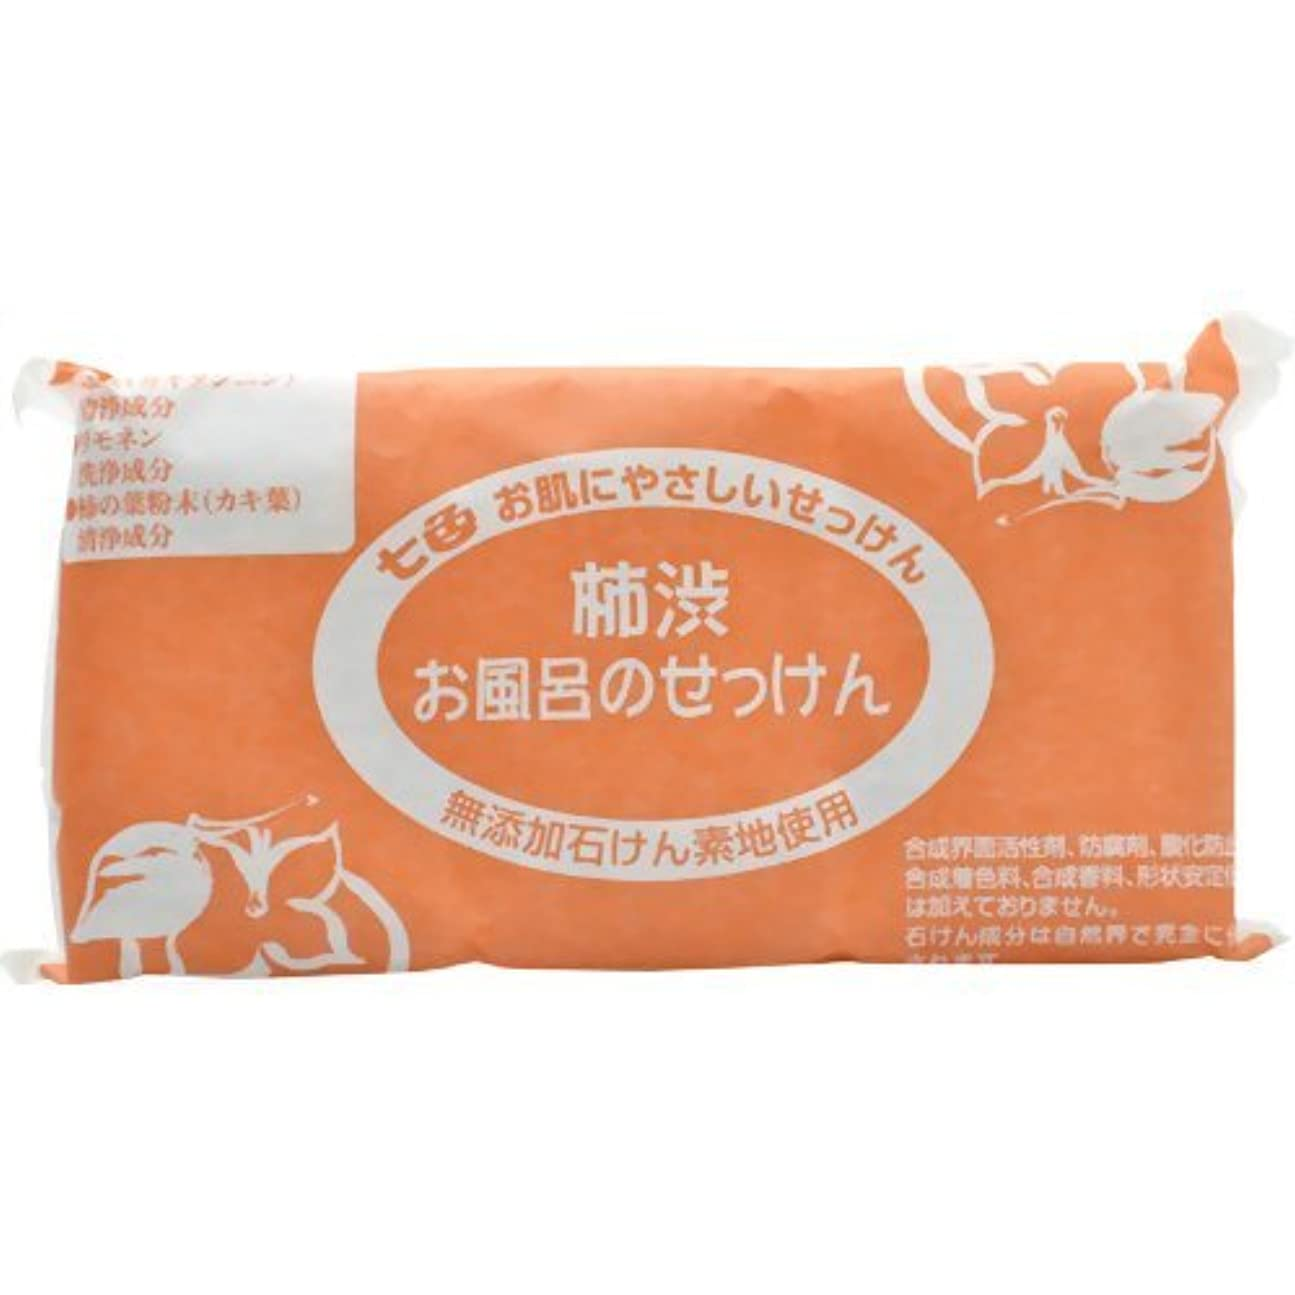 視聴者綺麗な中庭七色 お風呂のせっけん 柿渋(無添加石鹸) 100g×3個入